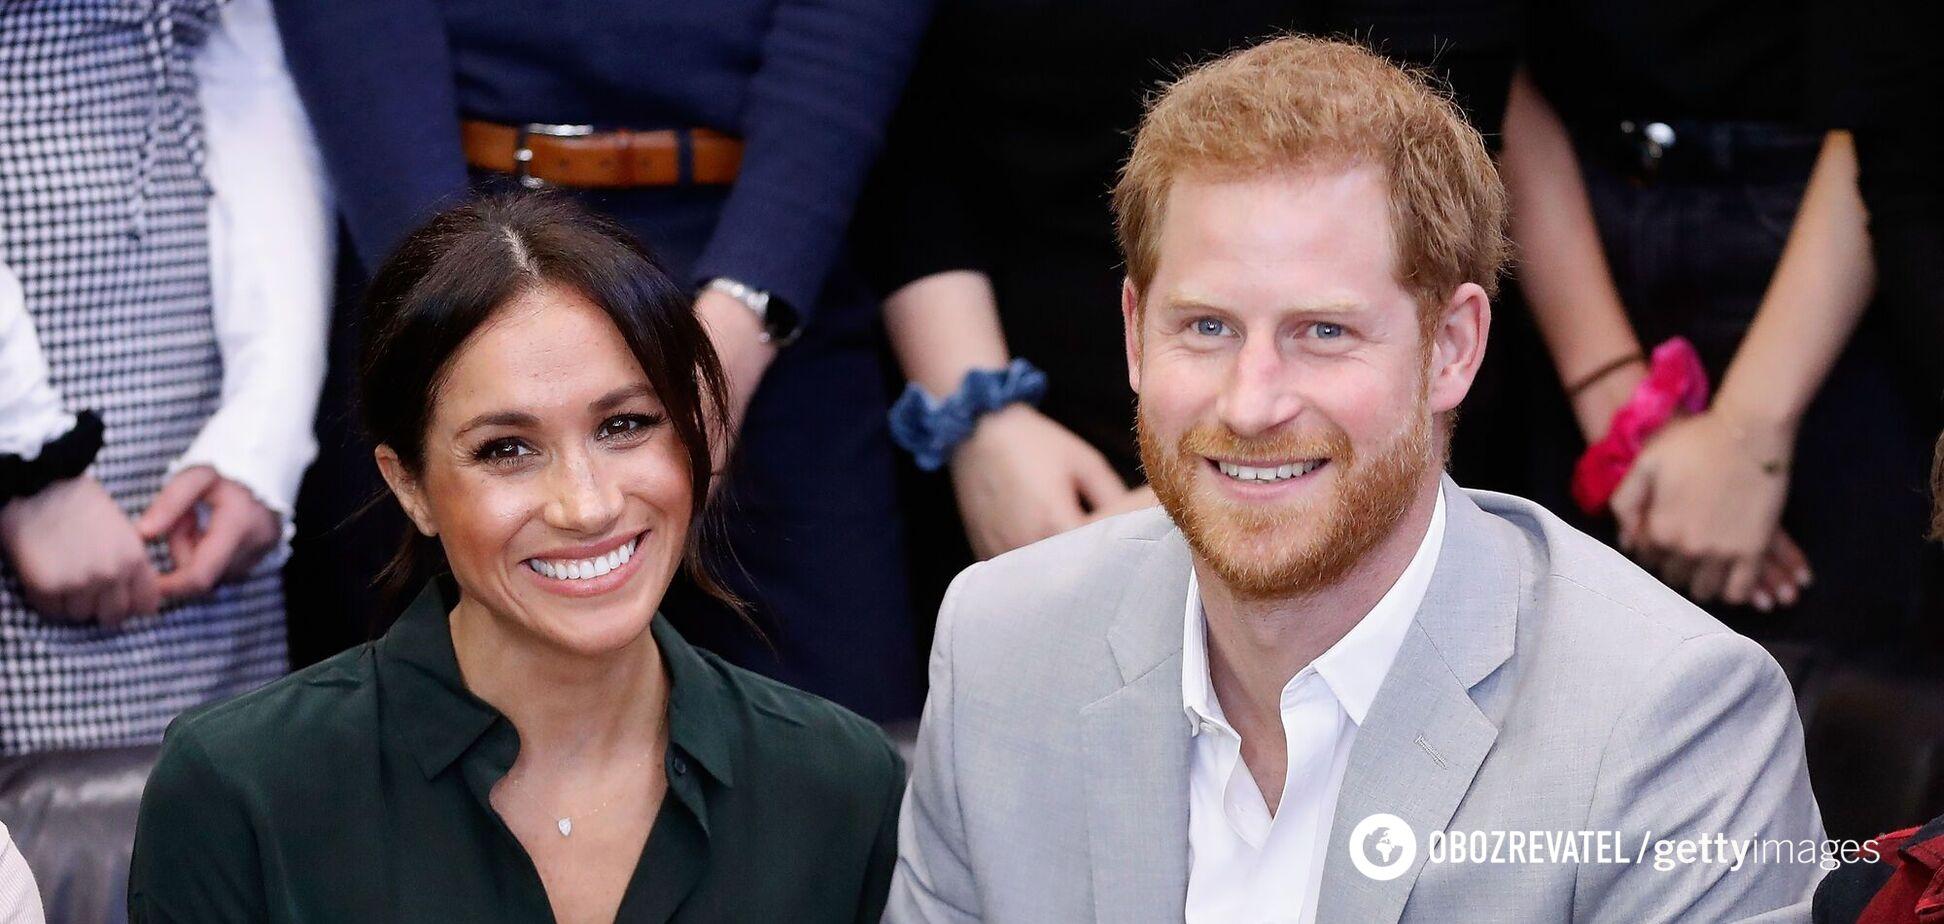 Без Гарри и Меган во дворце стало намного спокойнее